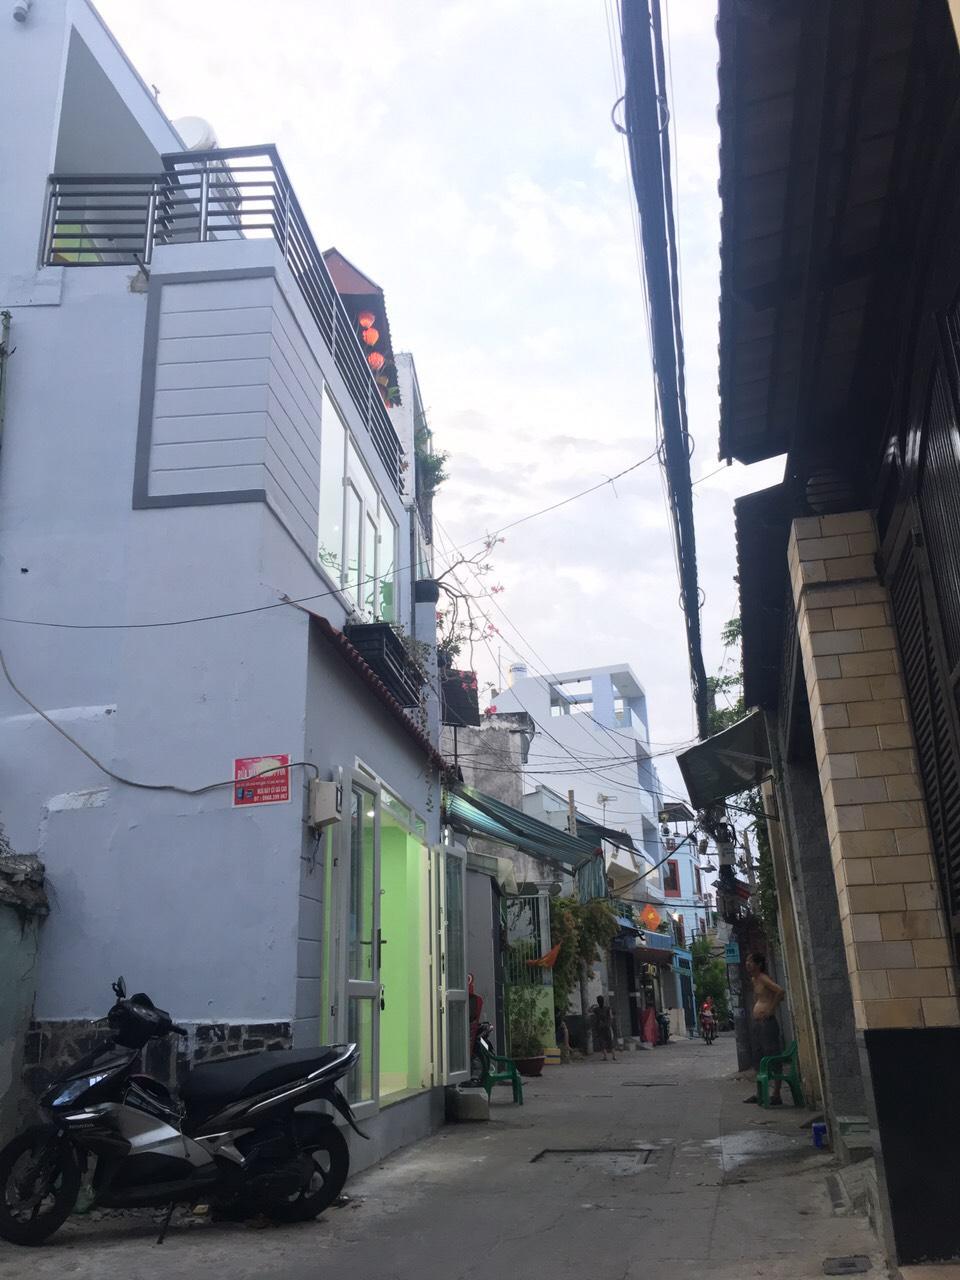 Bán nhà hẻm xe hơi 572 Âu Cơ phường 10 quận Tân Bình. Trệt 2 lầu sân thượng